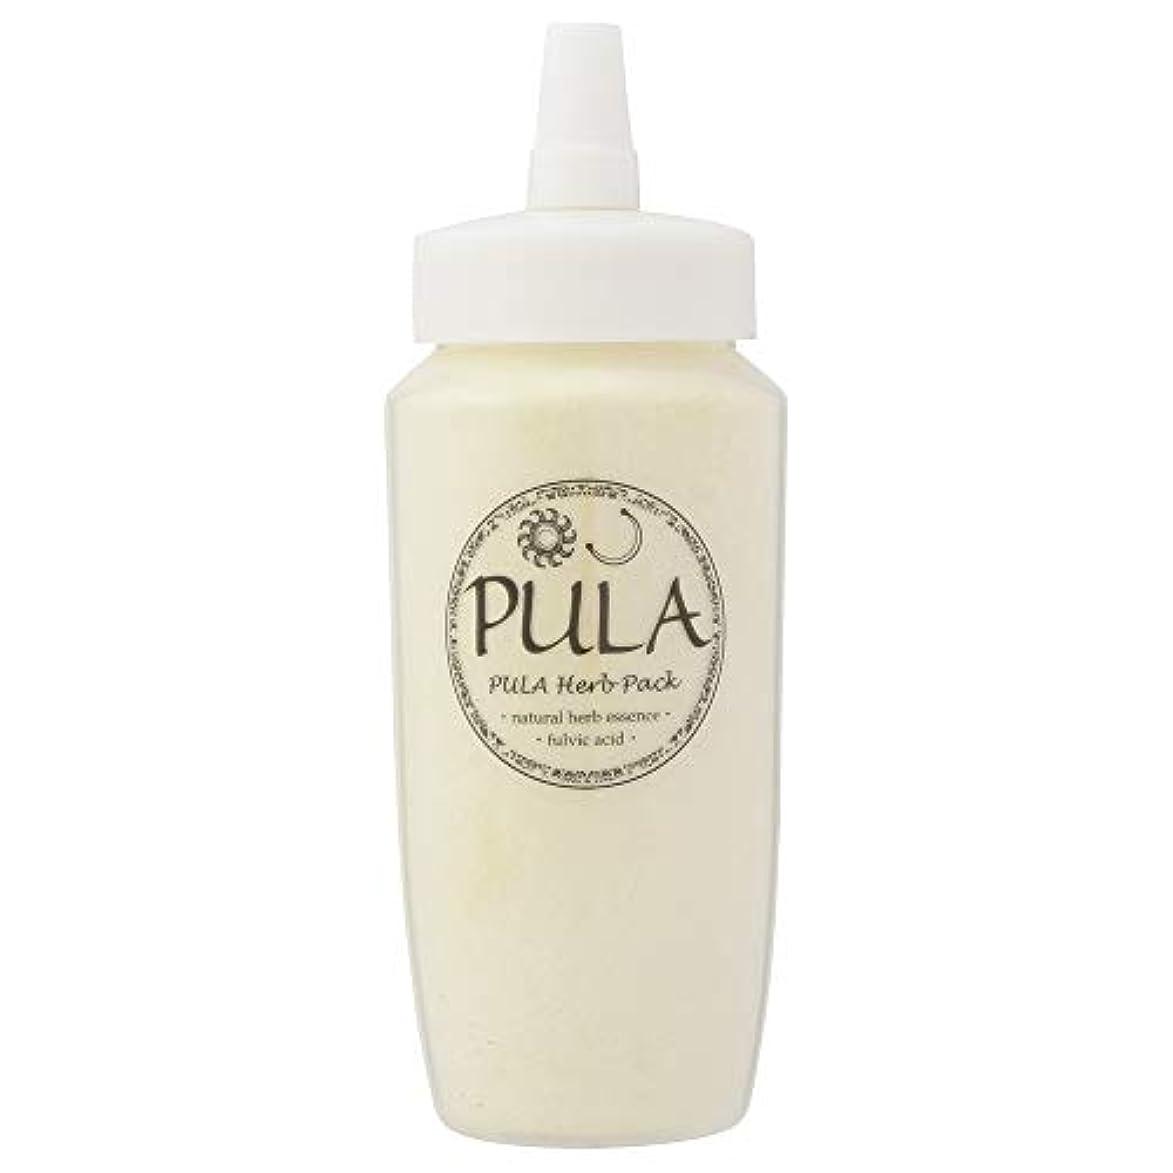 応答極めて頼るプーラ ハーブパック 200g (頭皮用パック)【ハーブ&フルボ酸】 ヘッドスパ専門店 PULA 100%自然由来配合